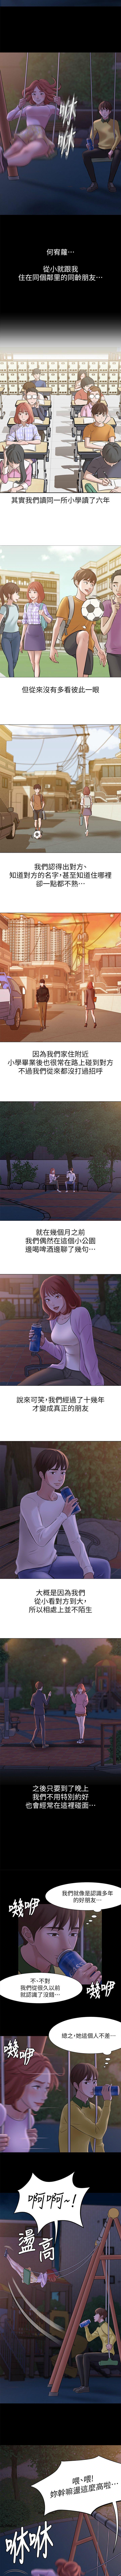 panty note 小褲褲筆記 小裤裤笔记 01-35 连载中 中文 重新排序 Reorder 6